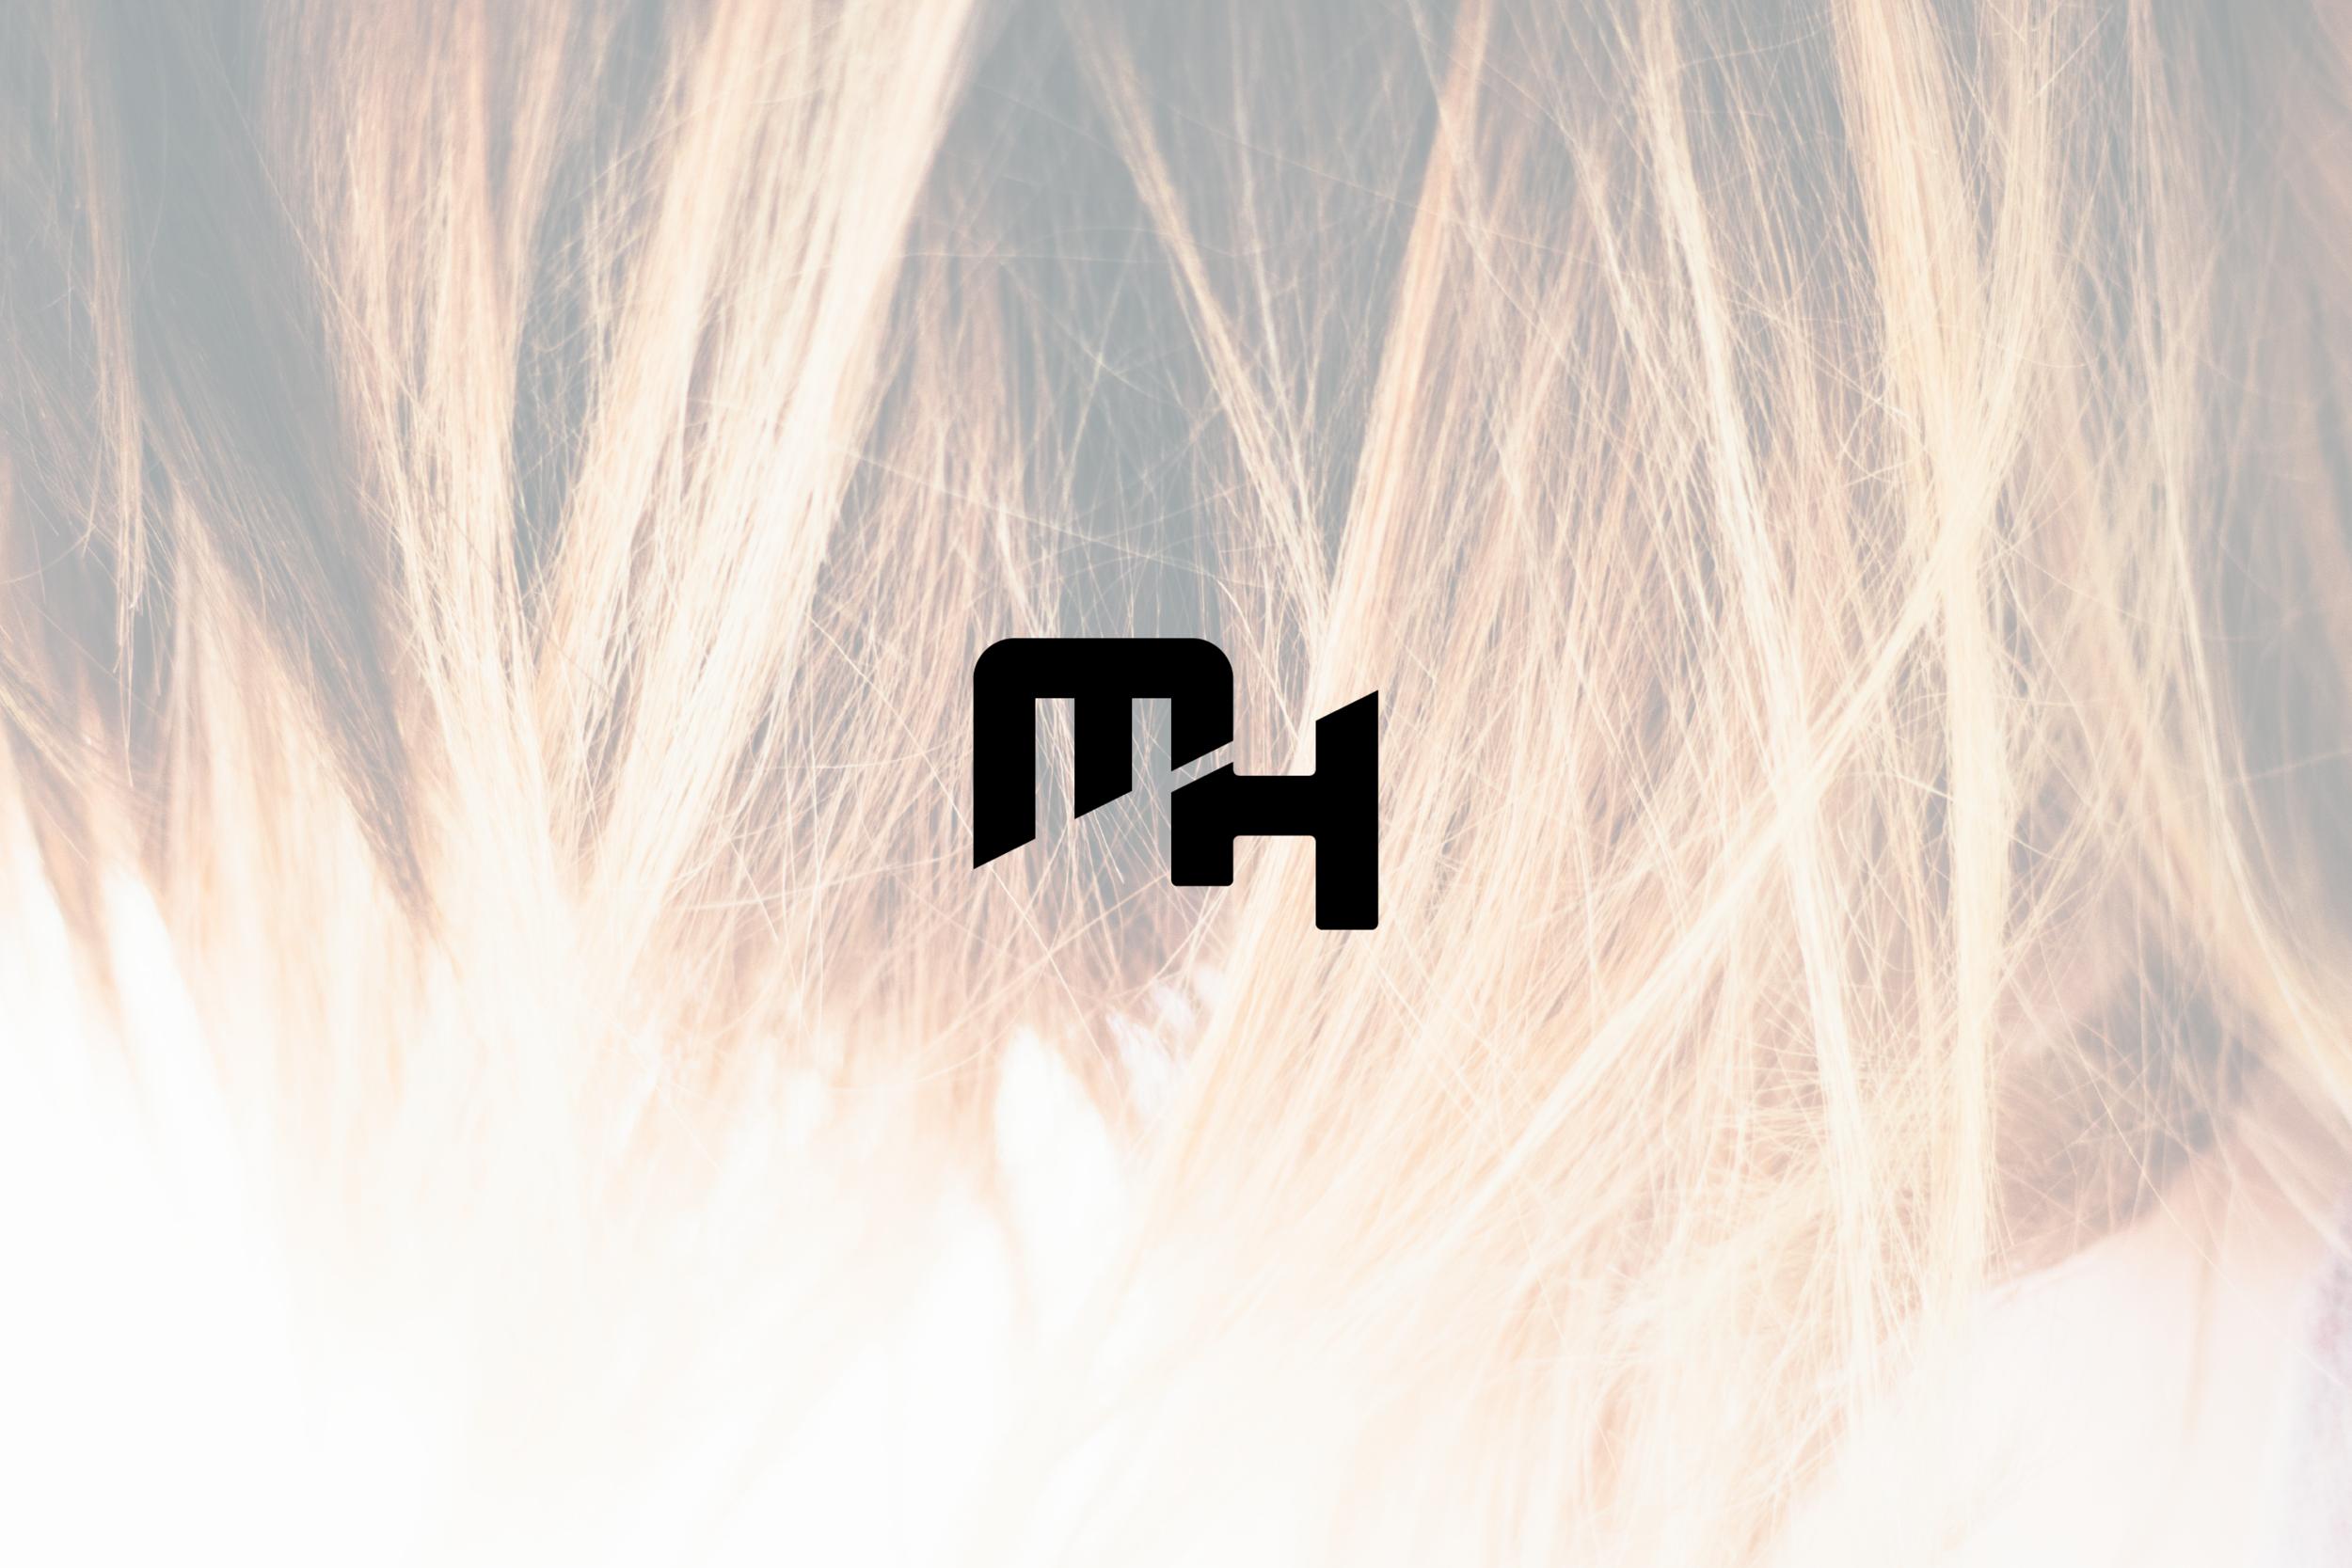 Logo design for Method Hair, a hair salon in Austin, Texas.